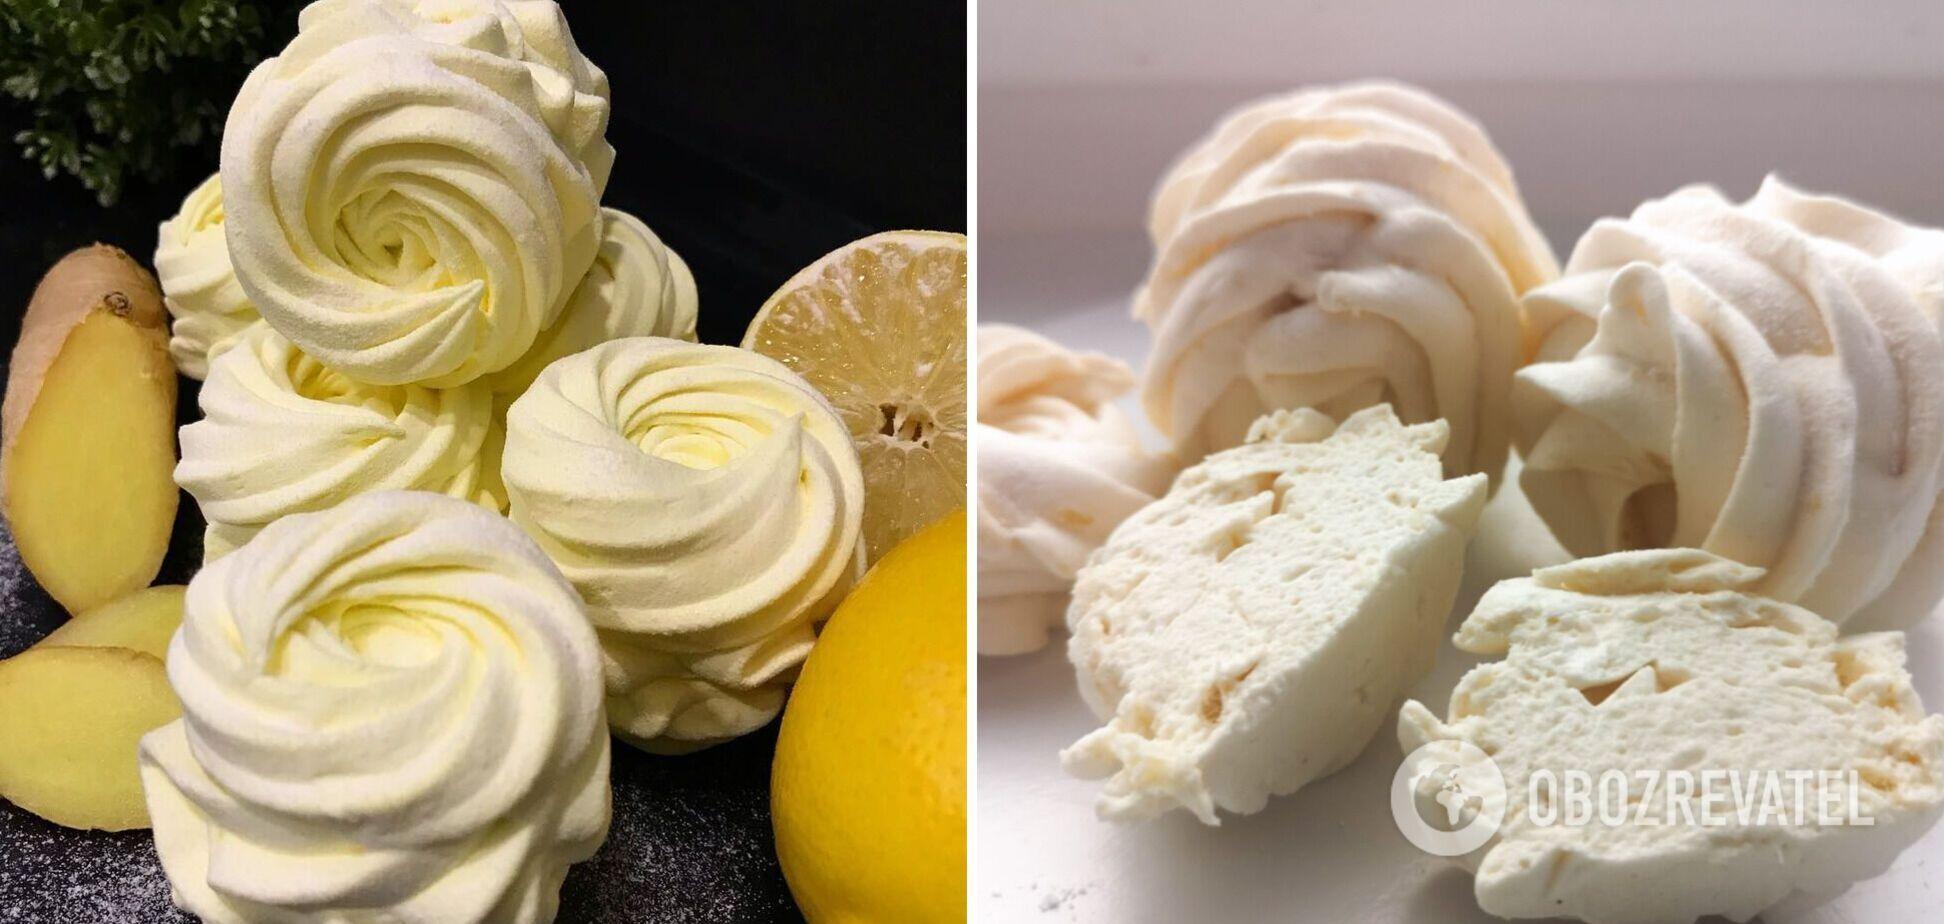 Як приготувати лимонно-імбирний зефір без випічки: відеоурок від кондитера